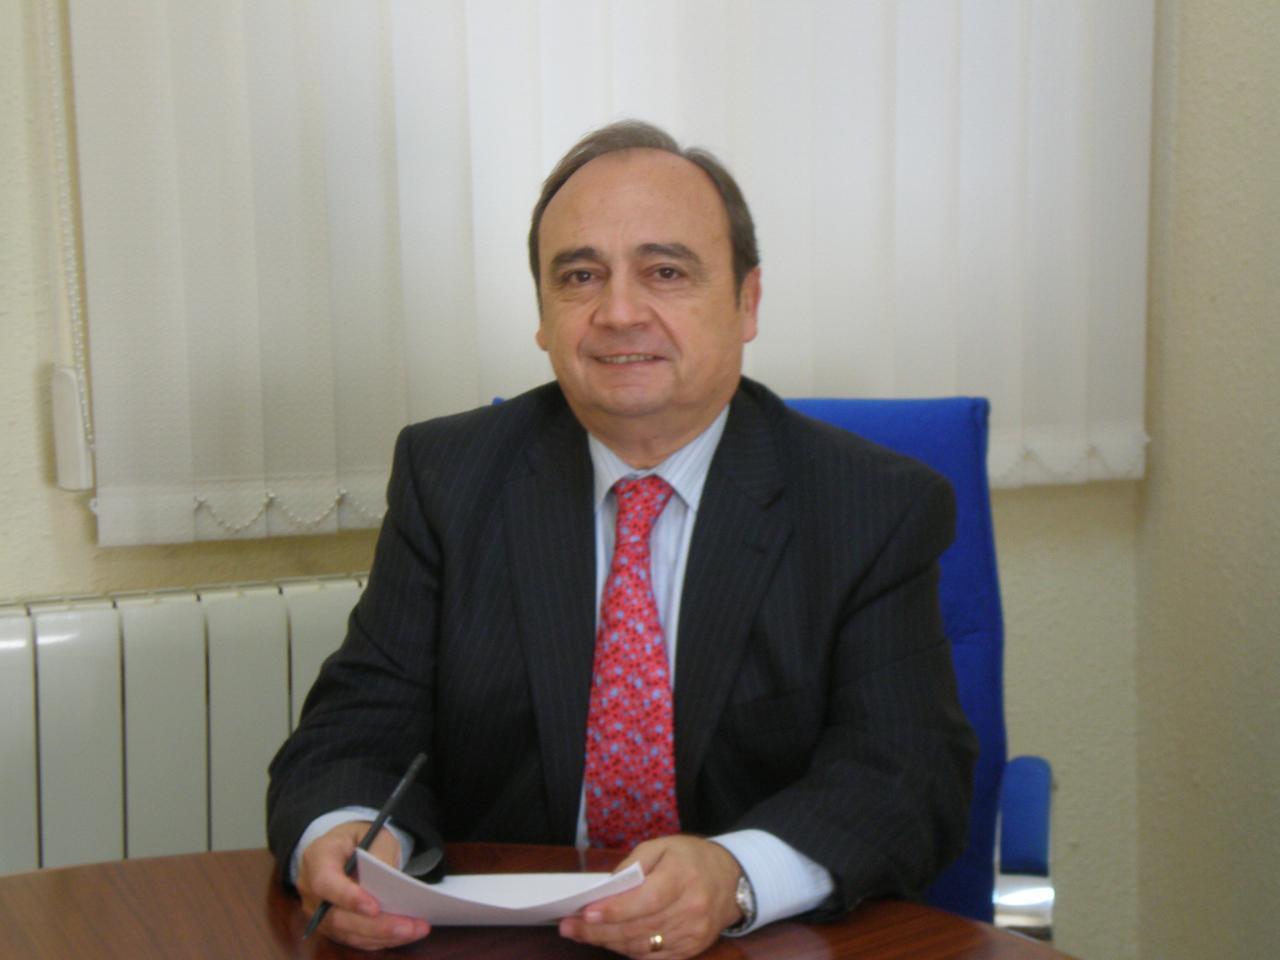 Lluis Navarro